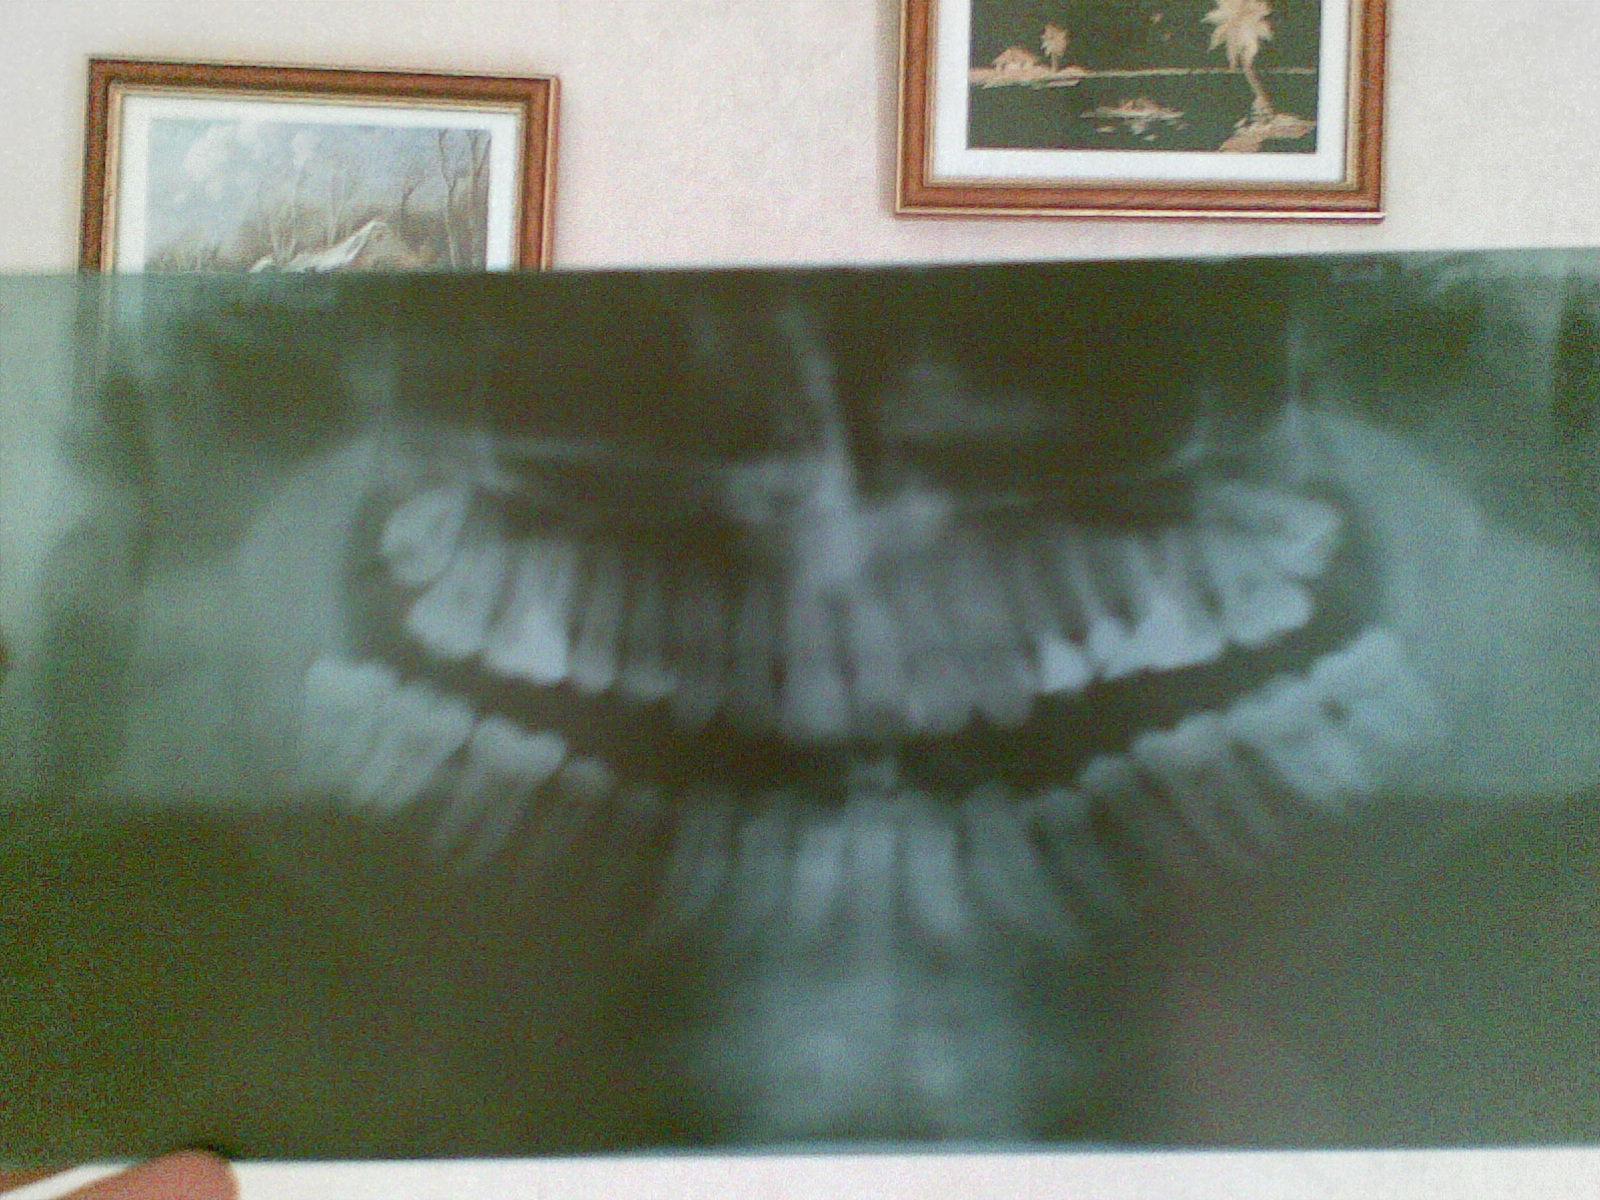 Ho cominciato ad avere dei lievi dolori a diversi denti.